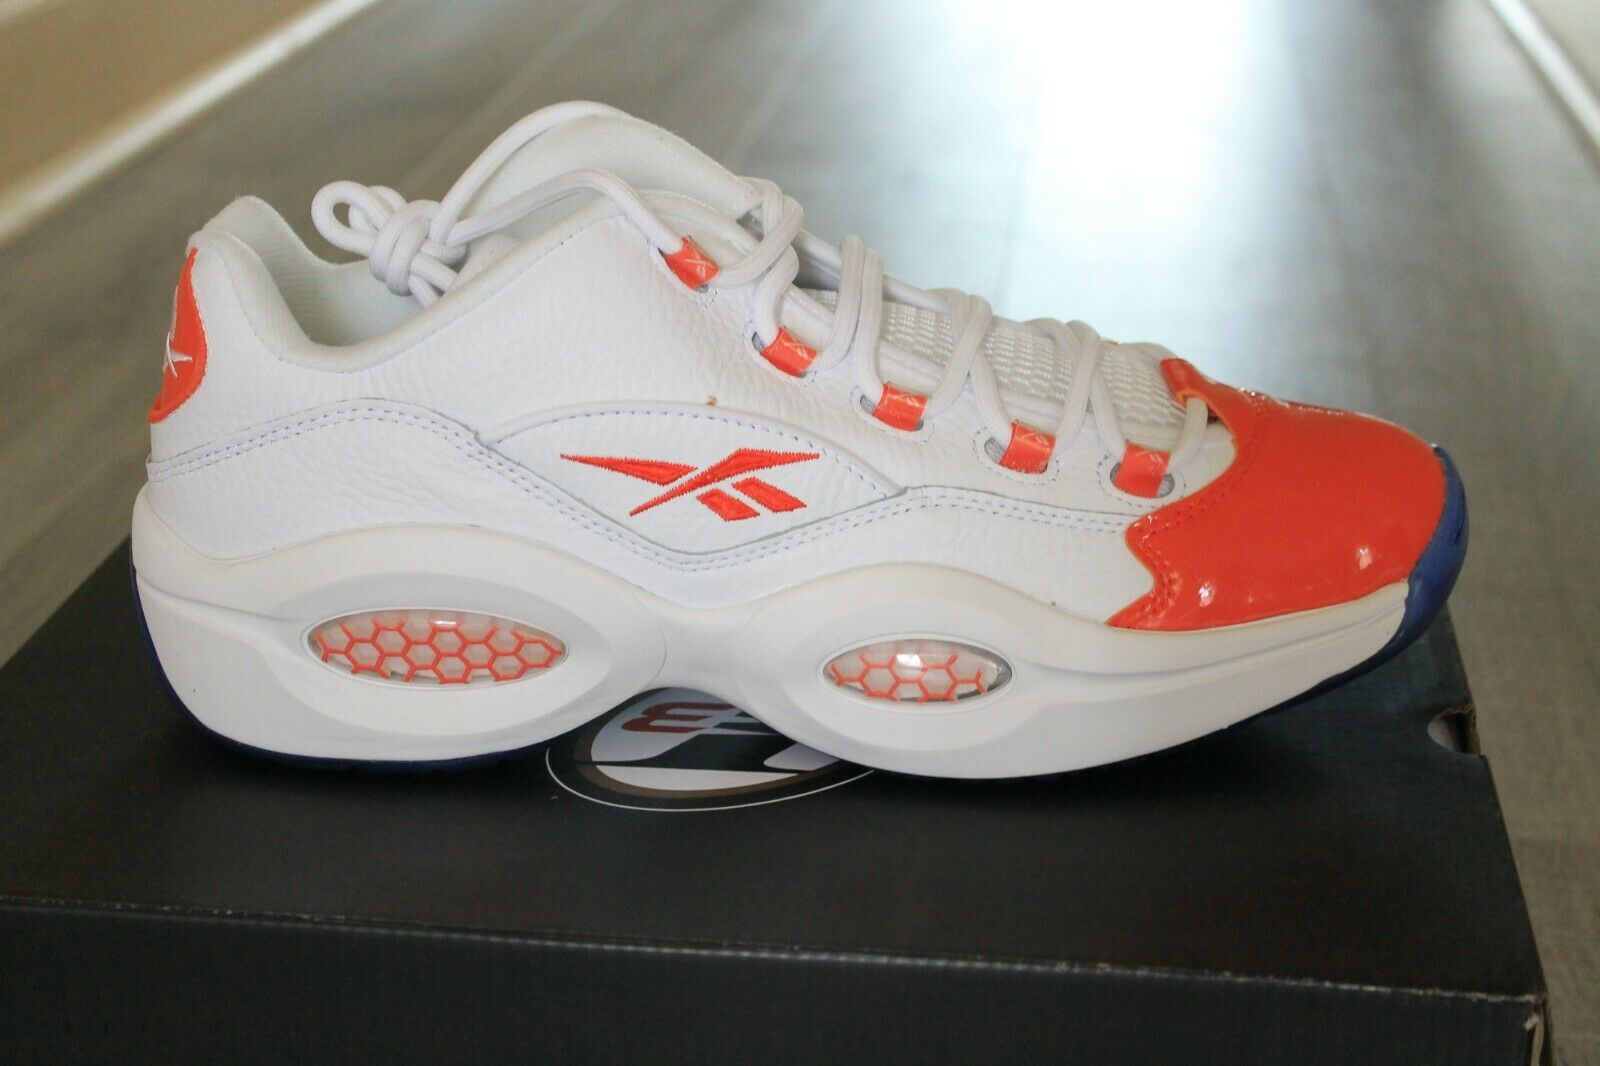 Reebok Question Low Allen Iverson Og Vivid Orange Blue White 3 Fx4999 Size 10 For Sale Online Ebay